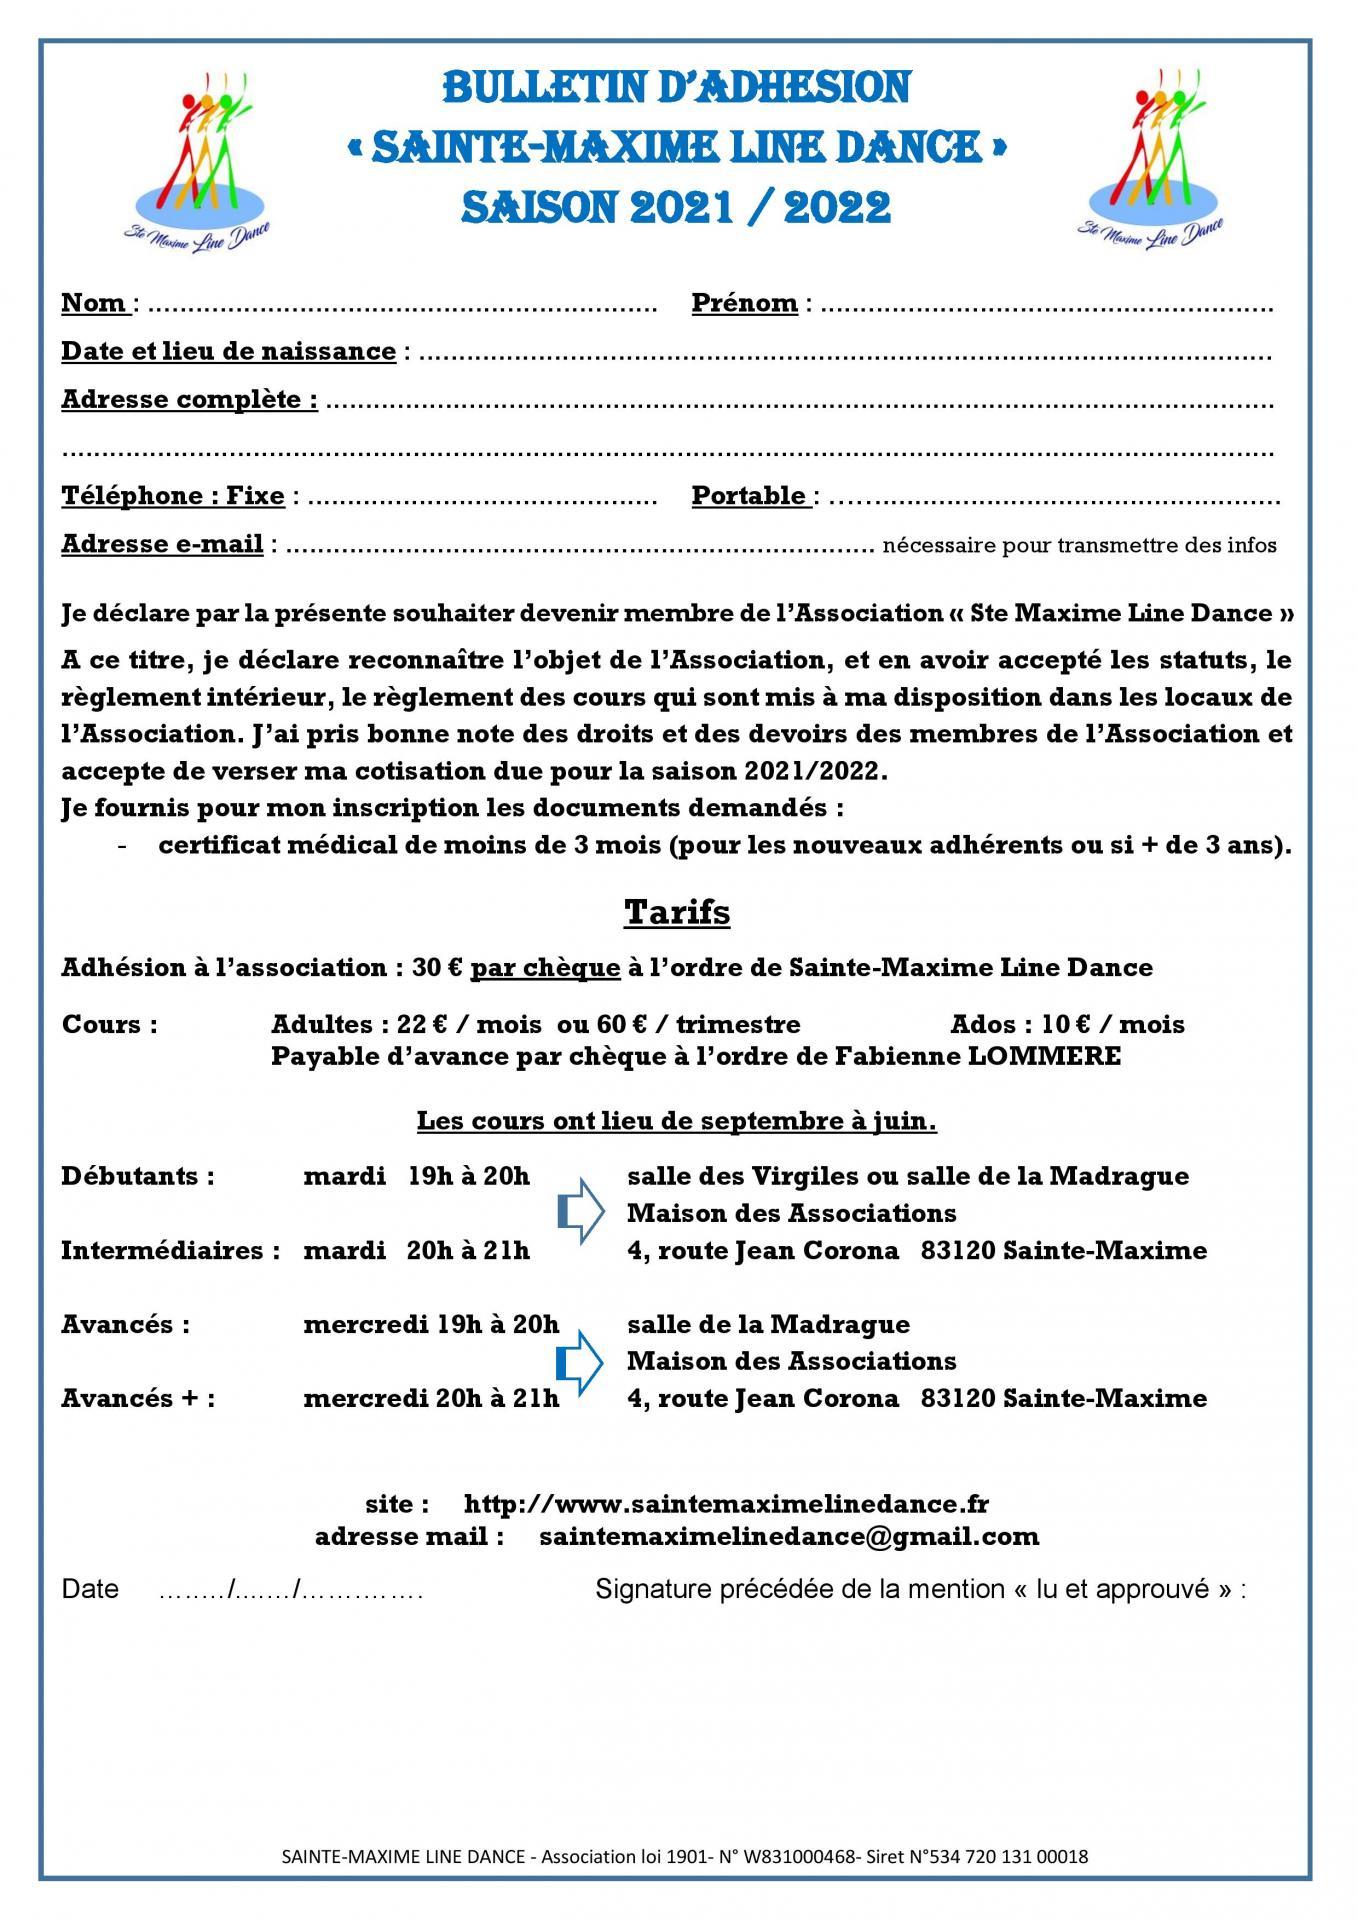 Bulletin d adhesion 2021 2022 page 001